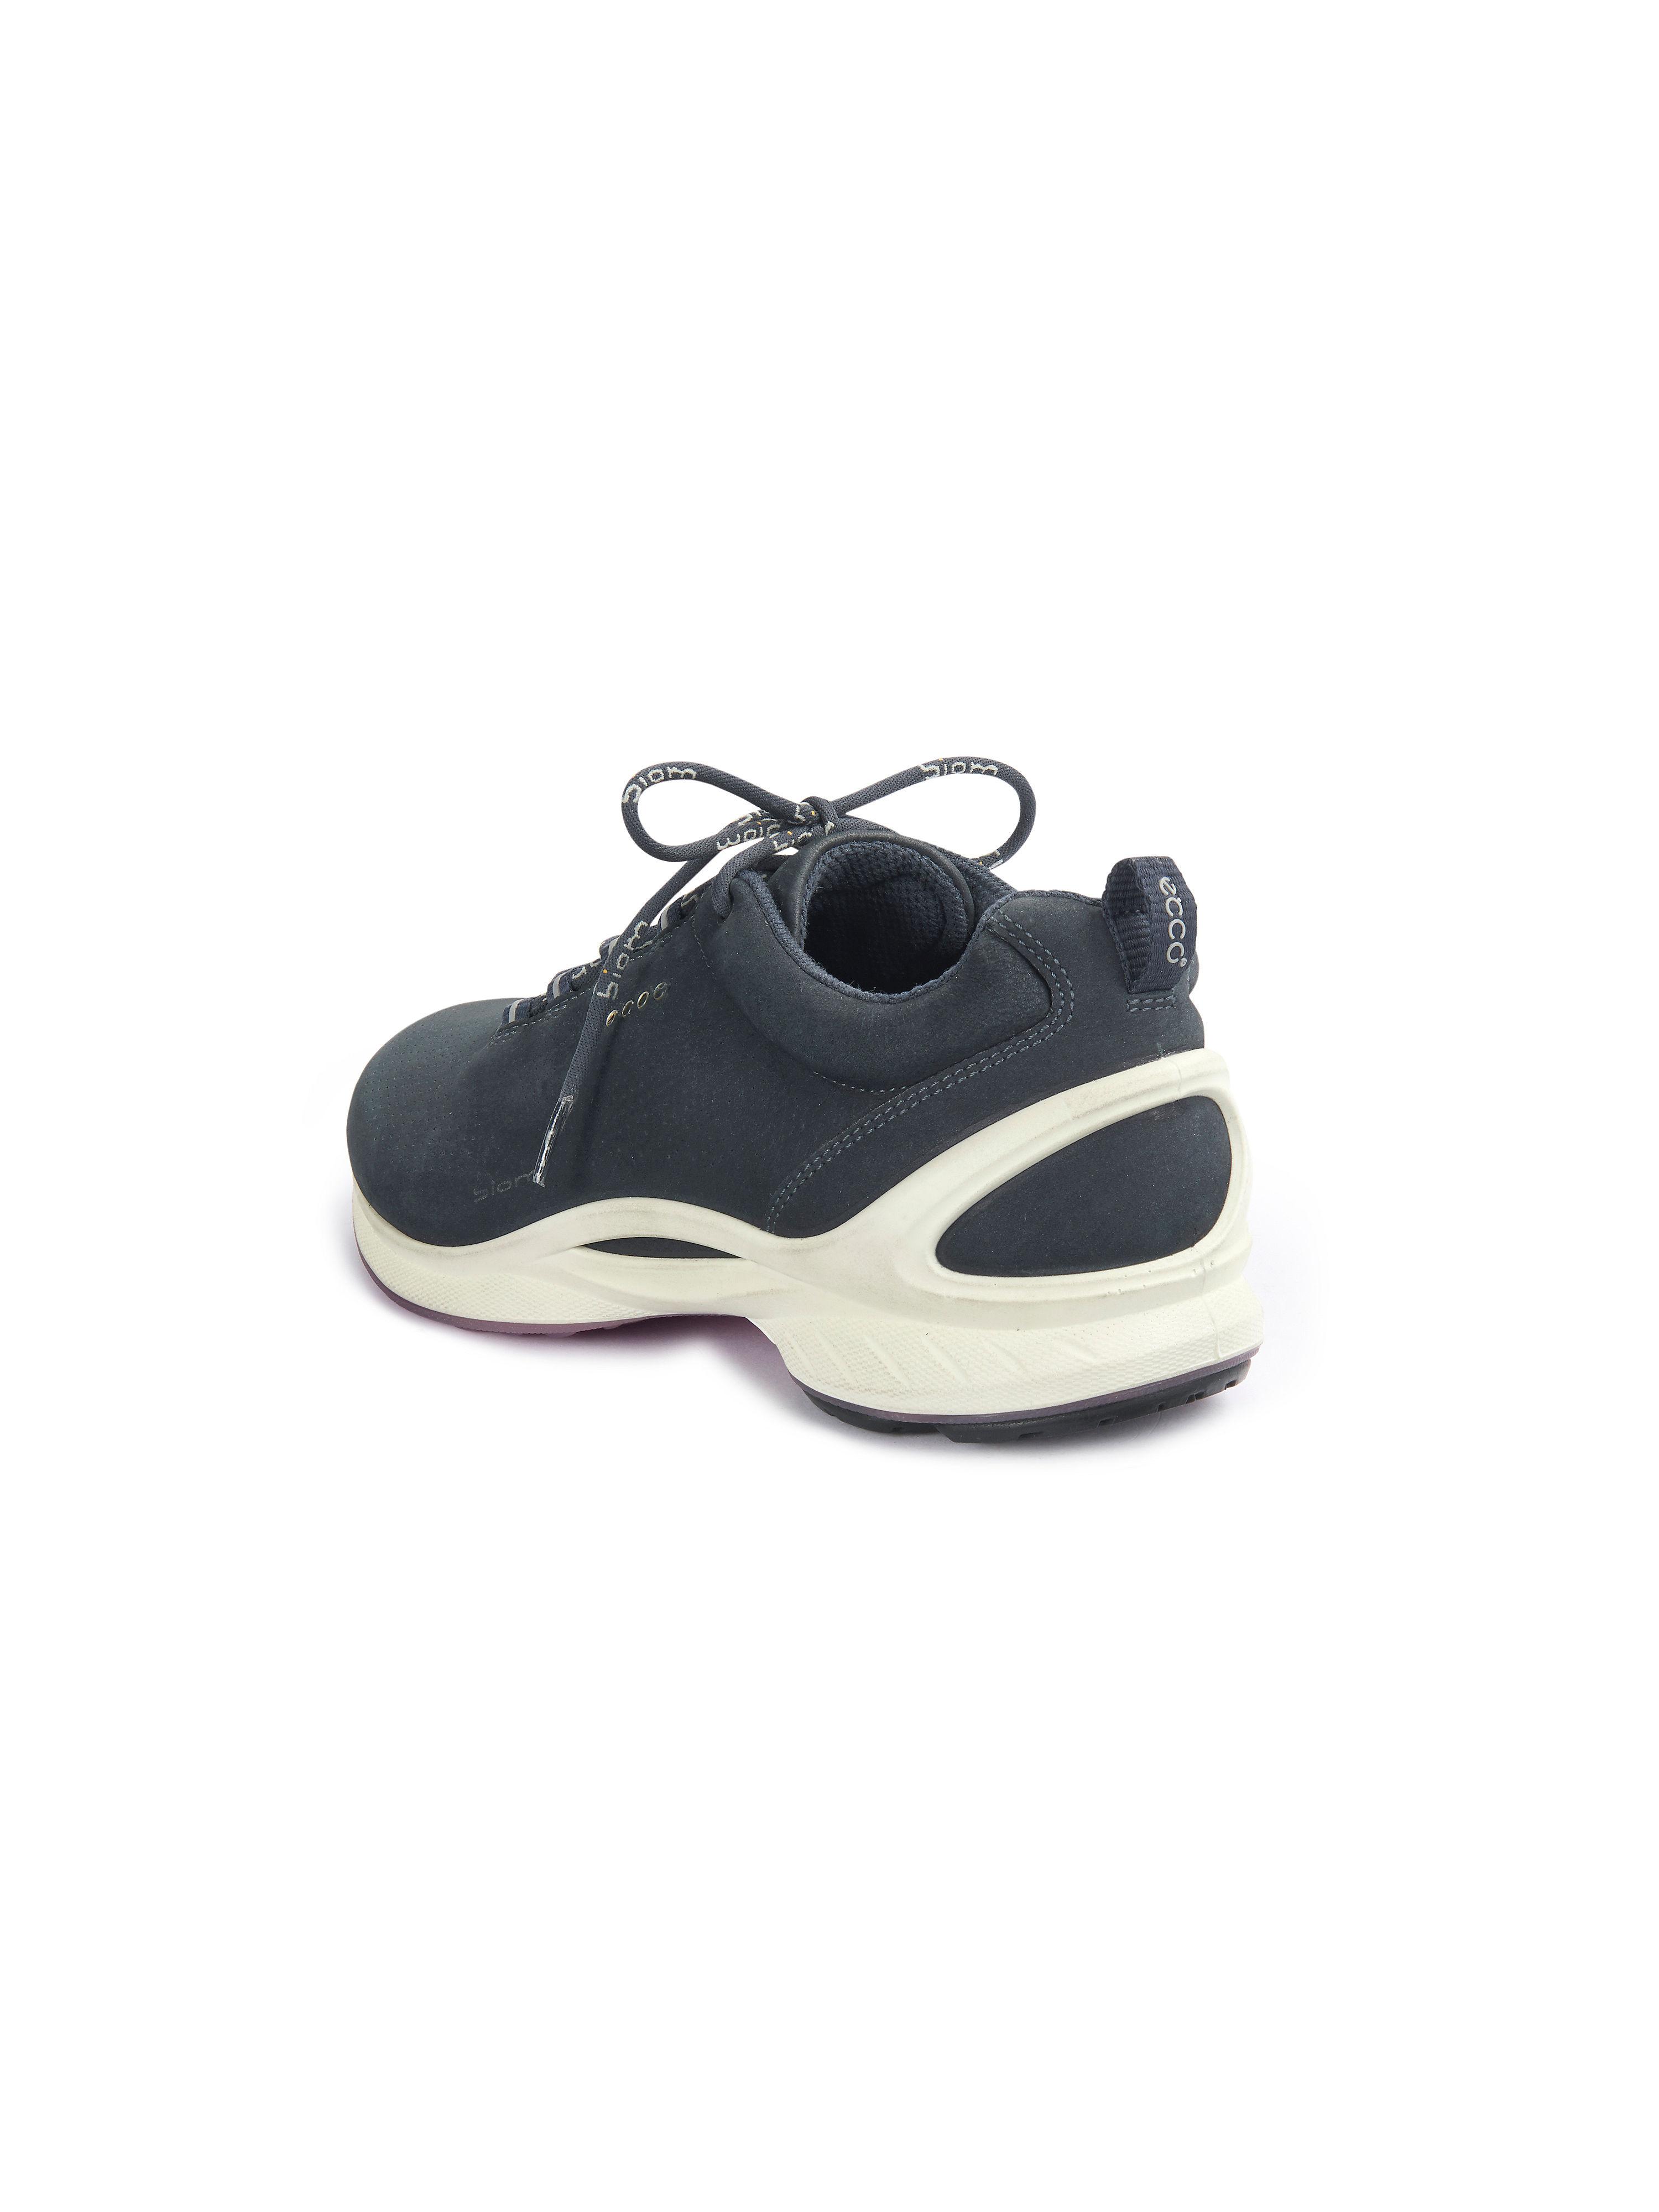 Sneakers Biom Fjue Fra Ecco blå